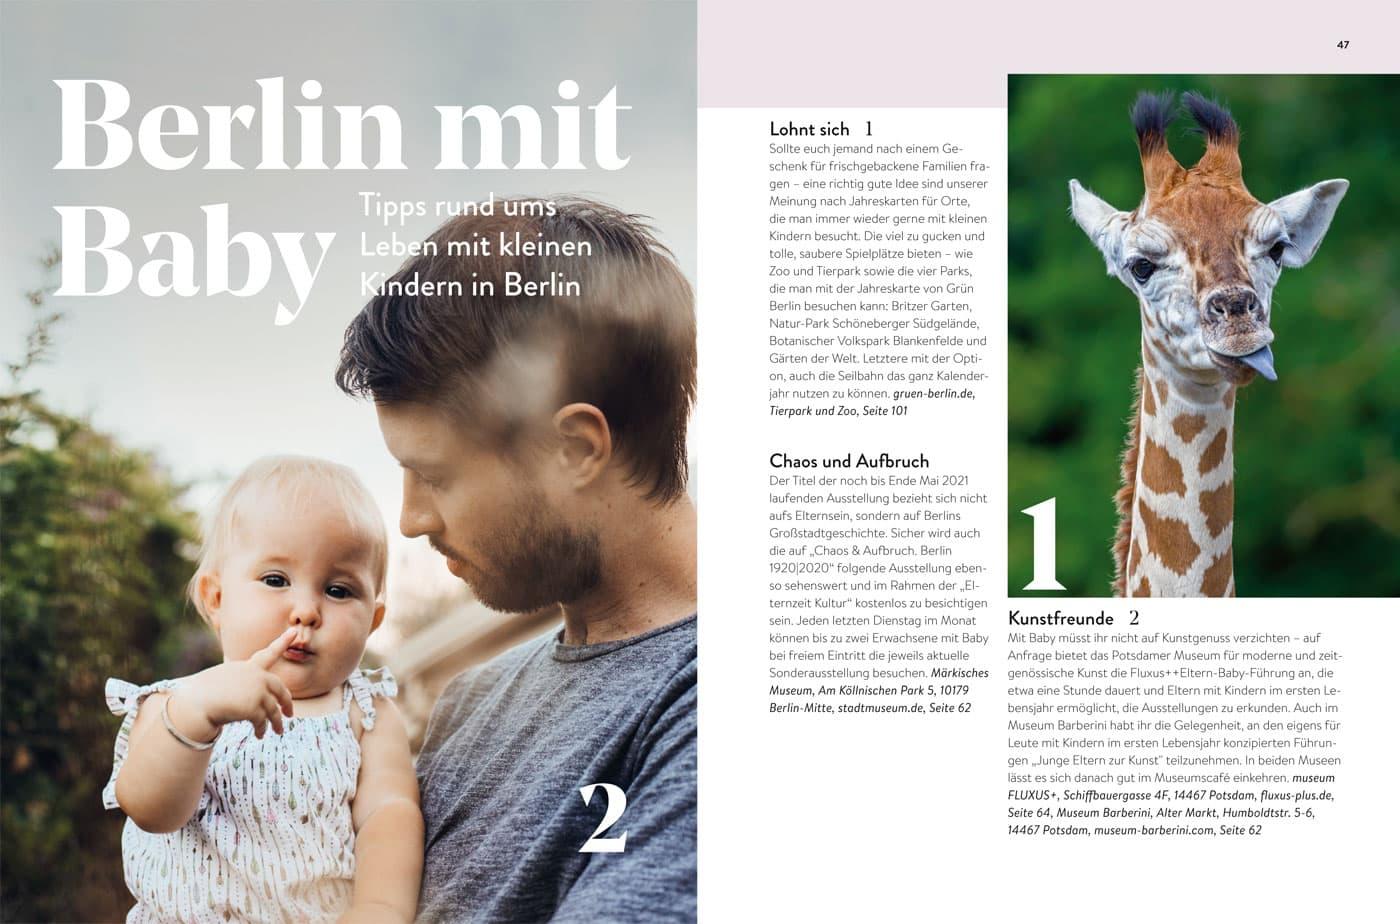 HIMBEER Buch: Berlin mit Baby 2021 // HIMBEER